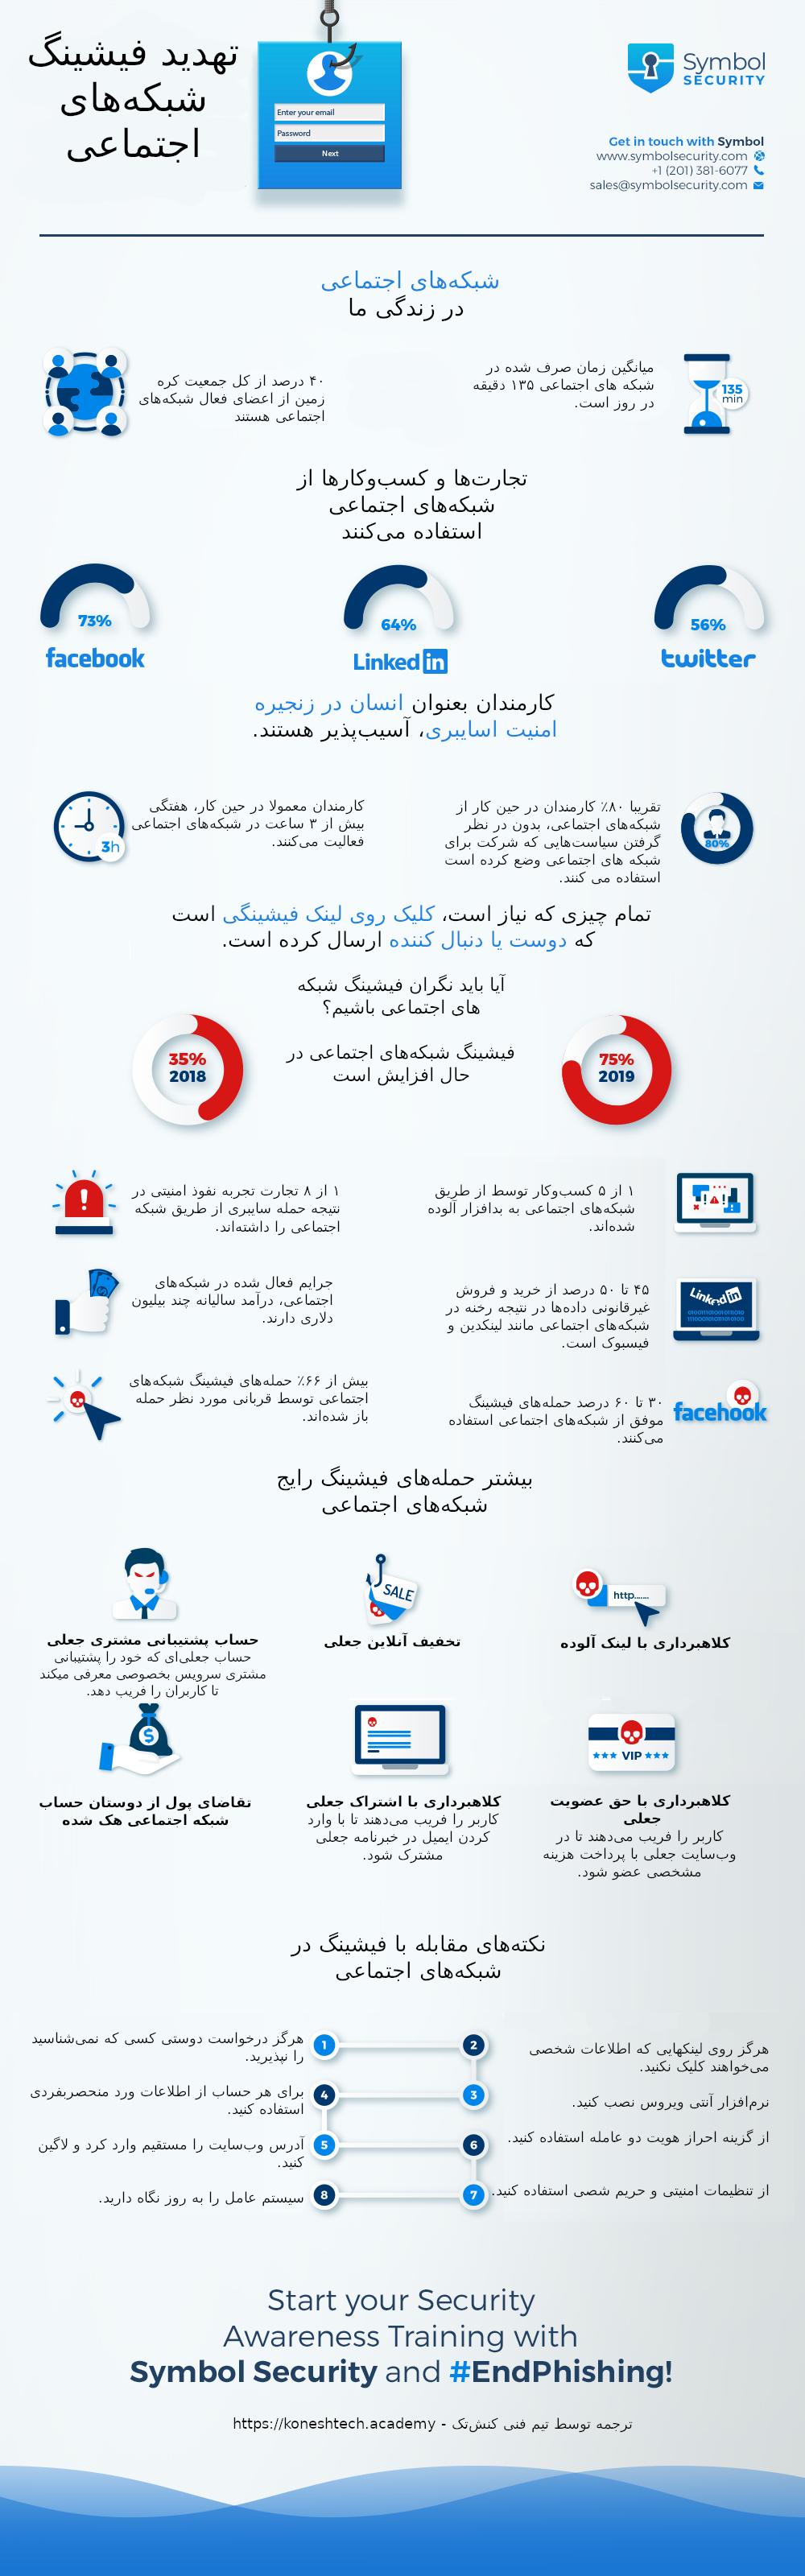 فیشینگ شبکههای اجتماعی